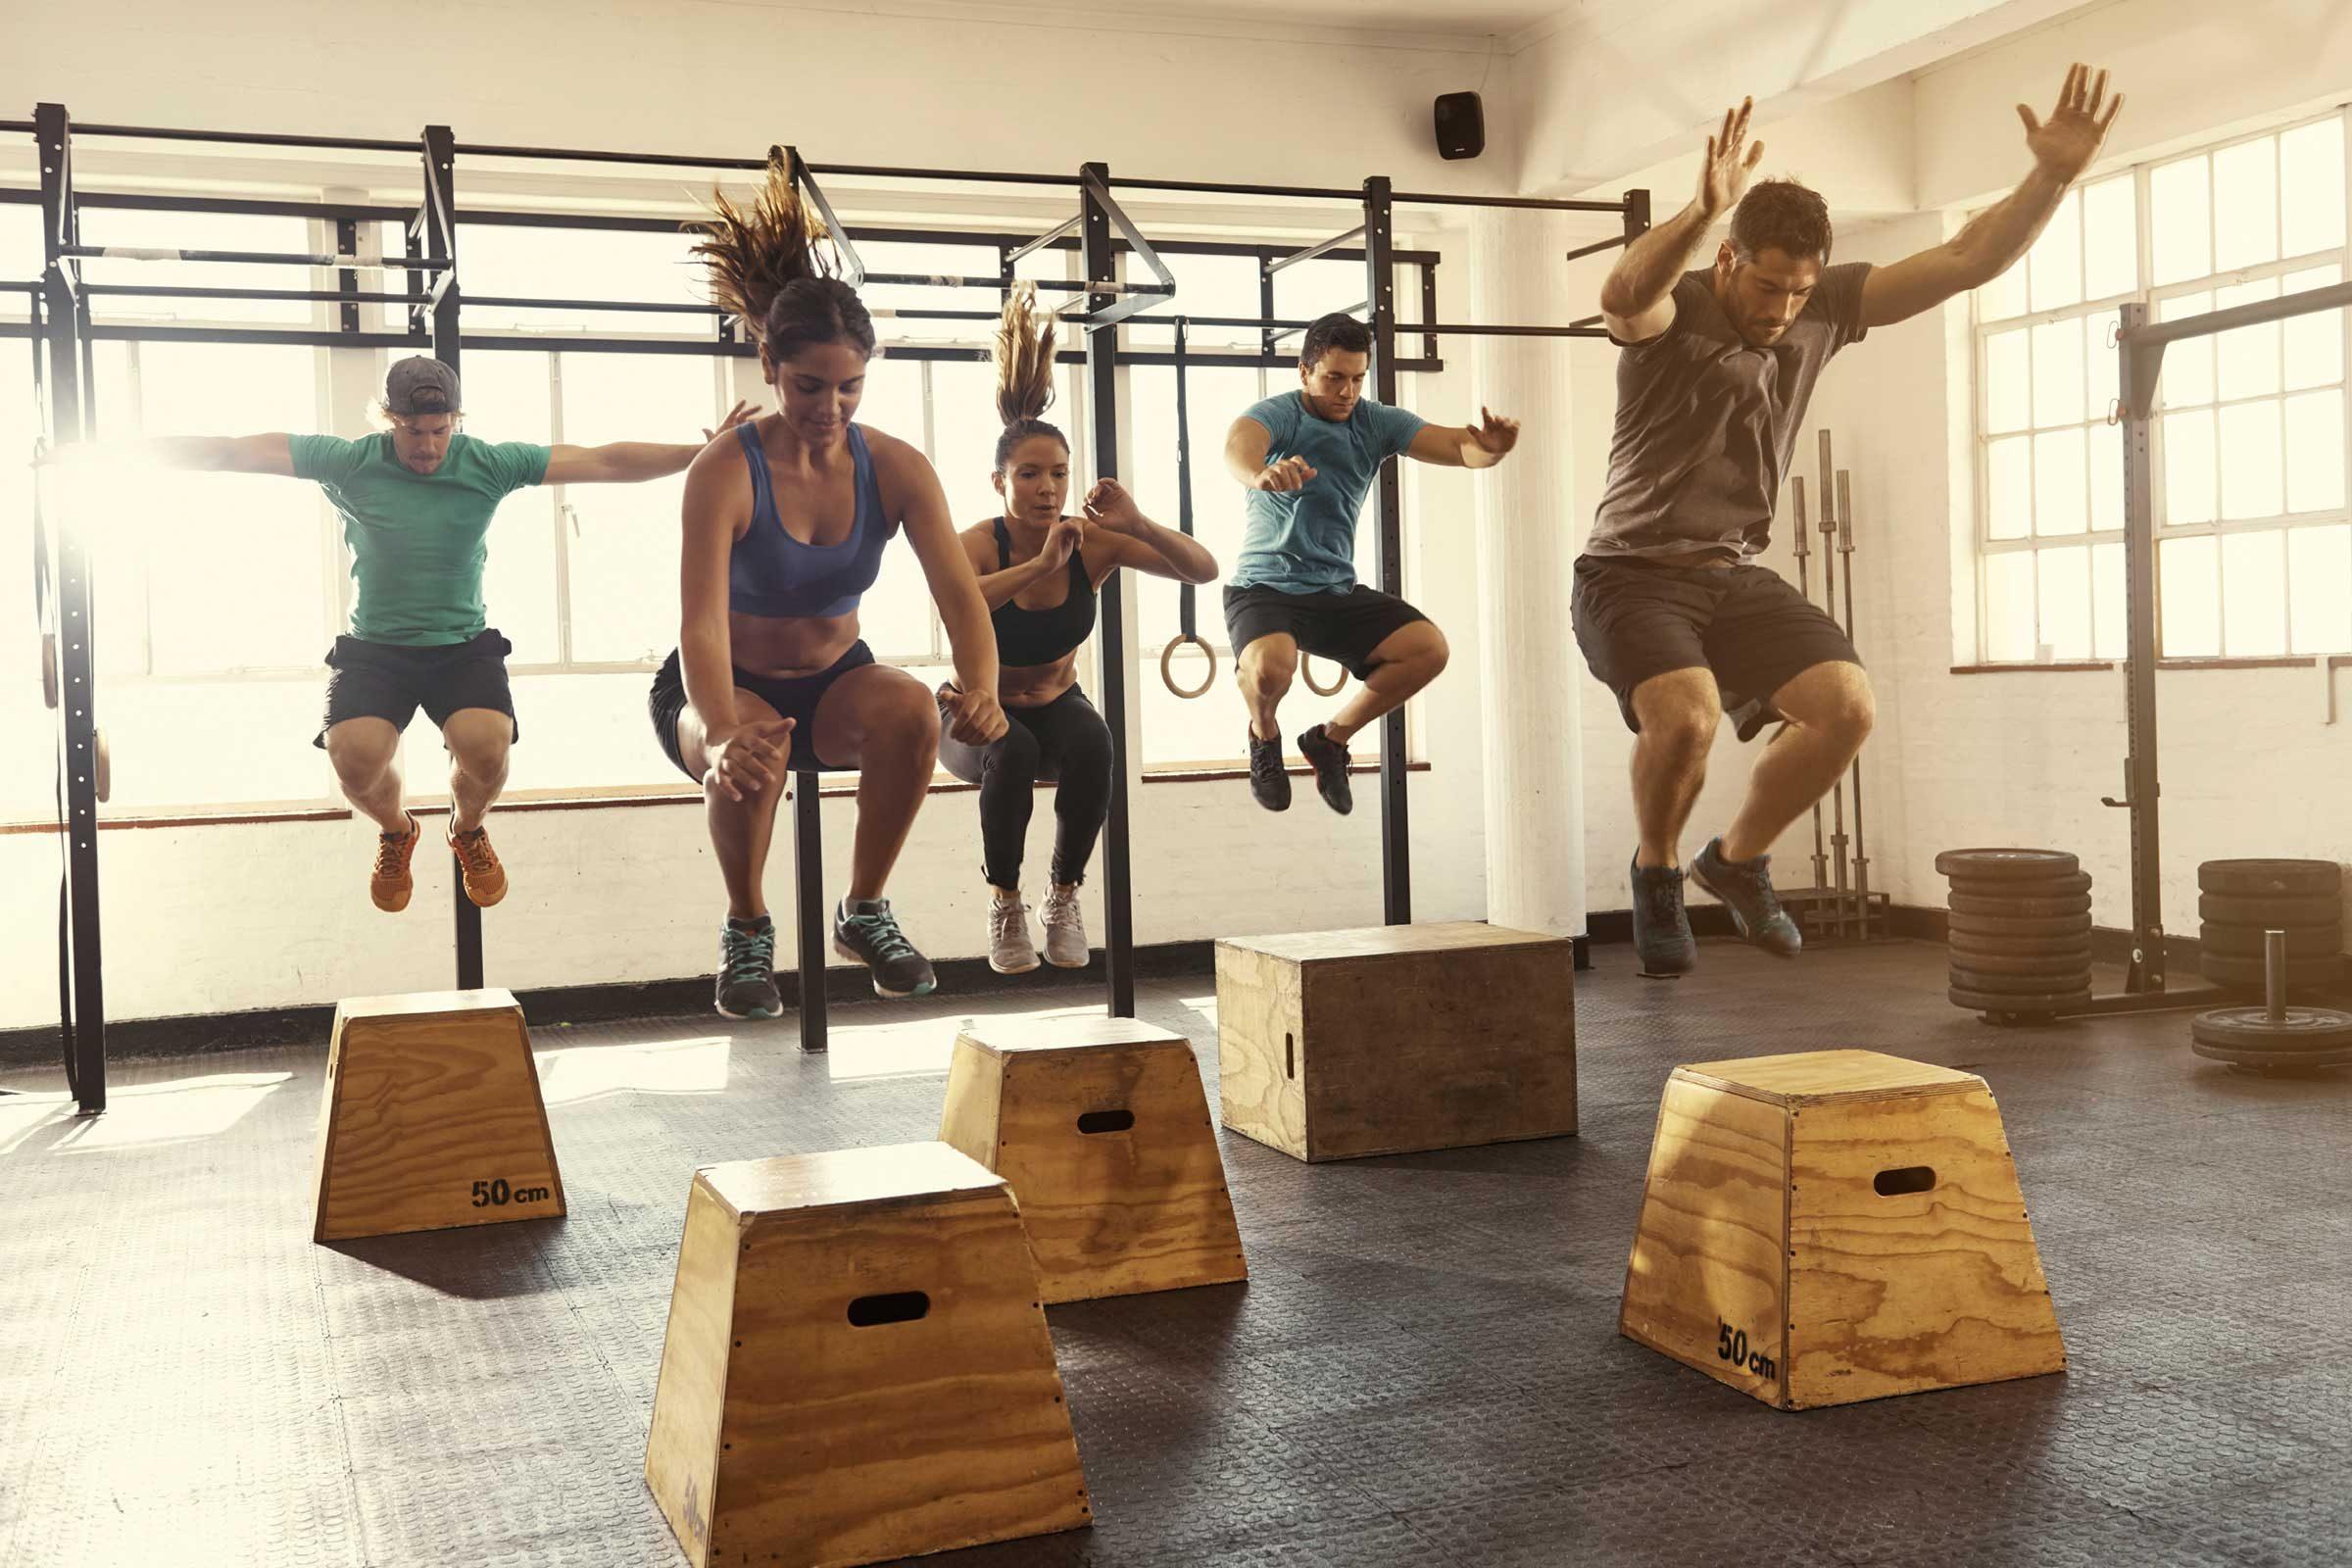 L'entrainement pas intervalles permet de maigrir et perdre du poids efficacement.